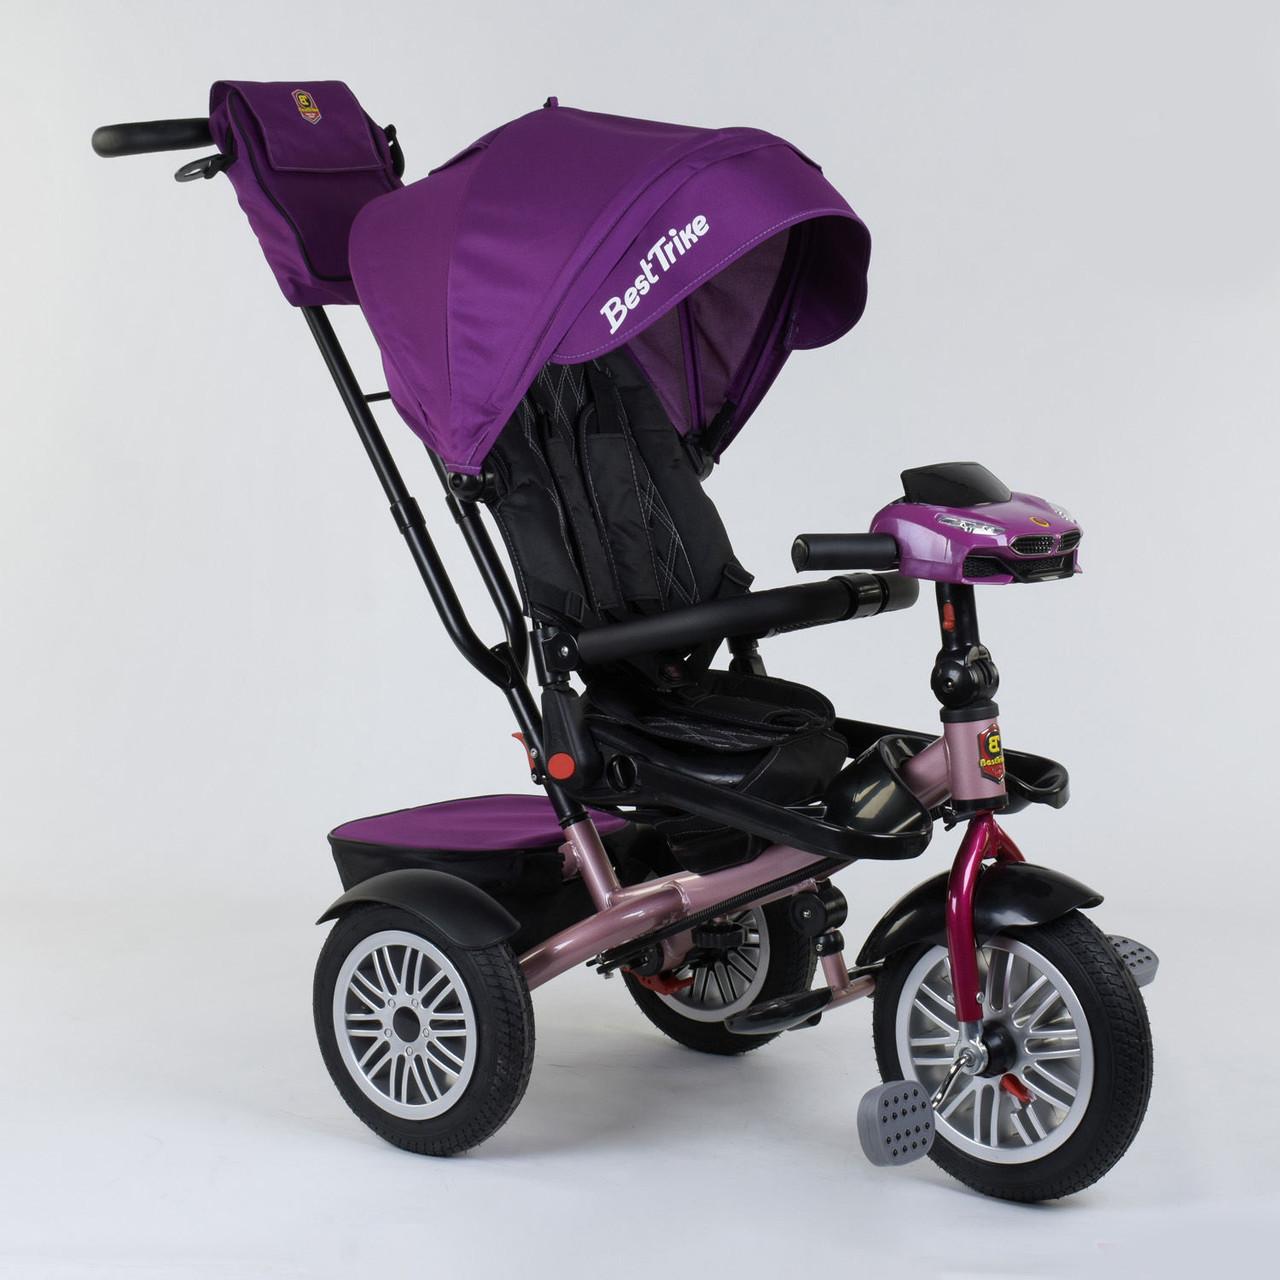 Велосипед 3-х колёсный Best Trike с поворотным сиденьем 9288 В - 3920, складной руль, русское озвучивание